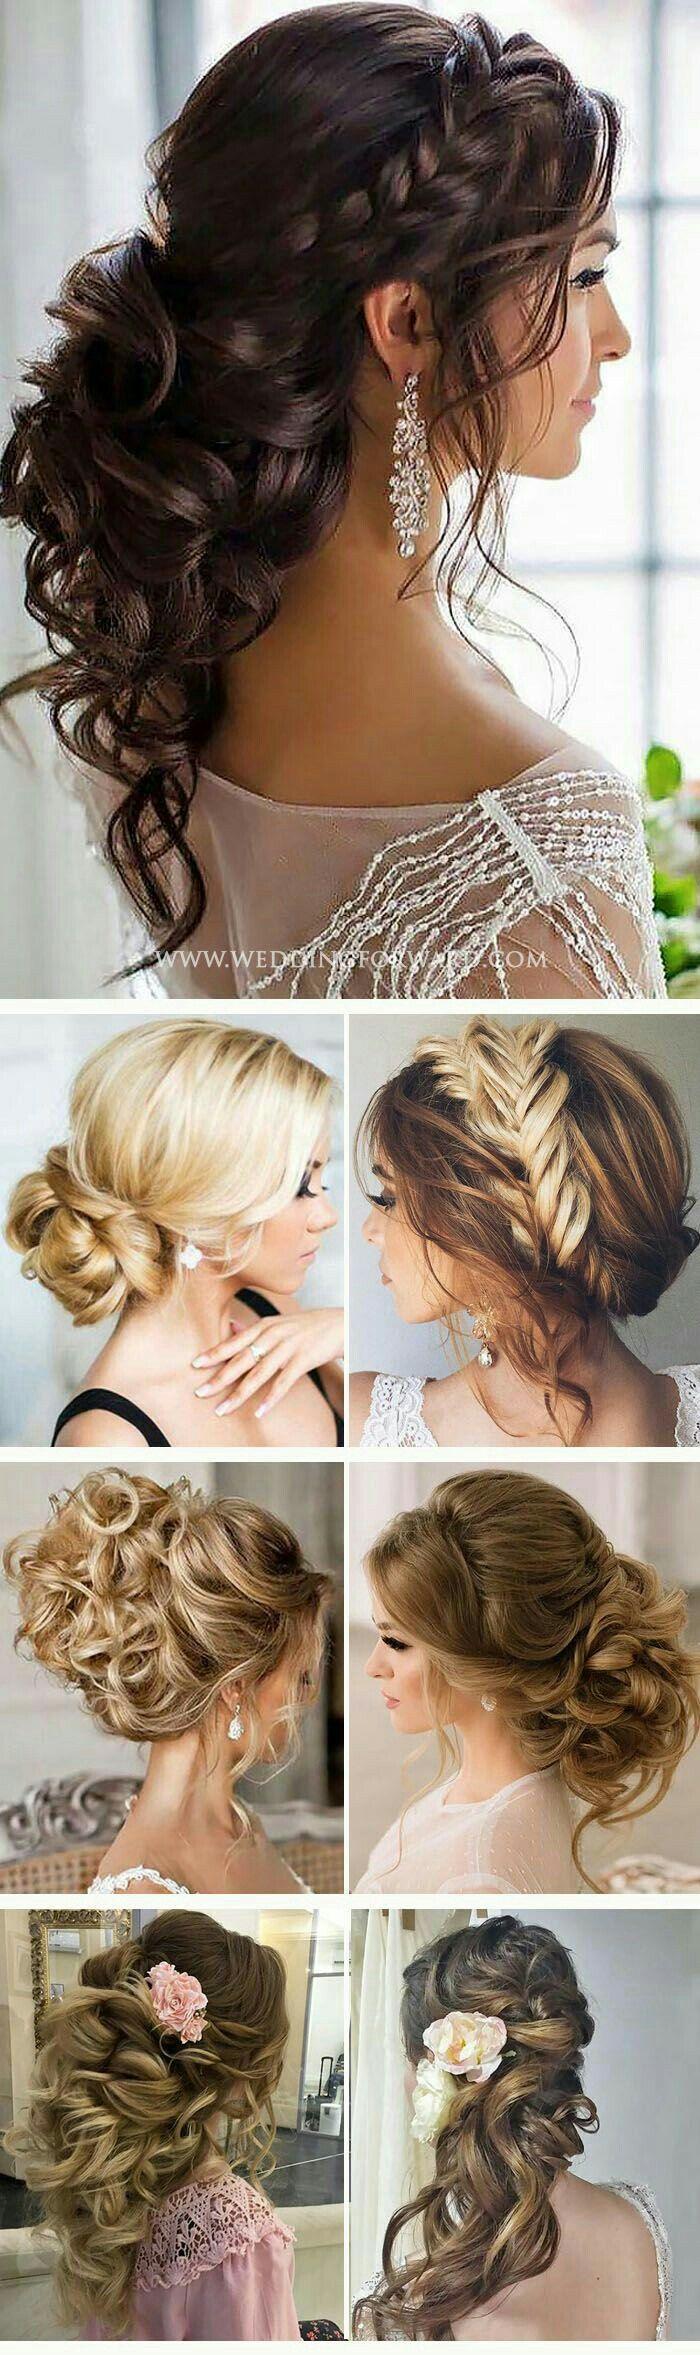 Свадьба - Bridal Hairstyles & Wedding Hair